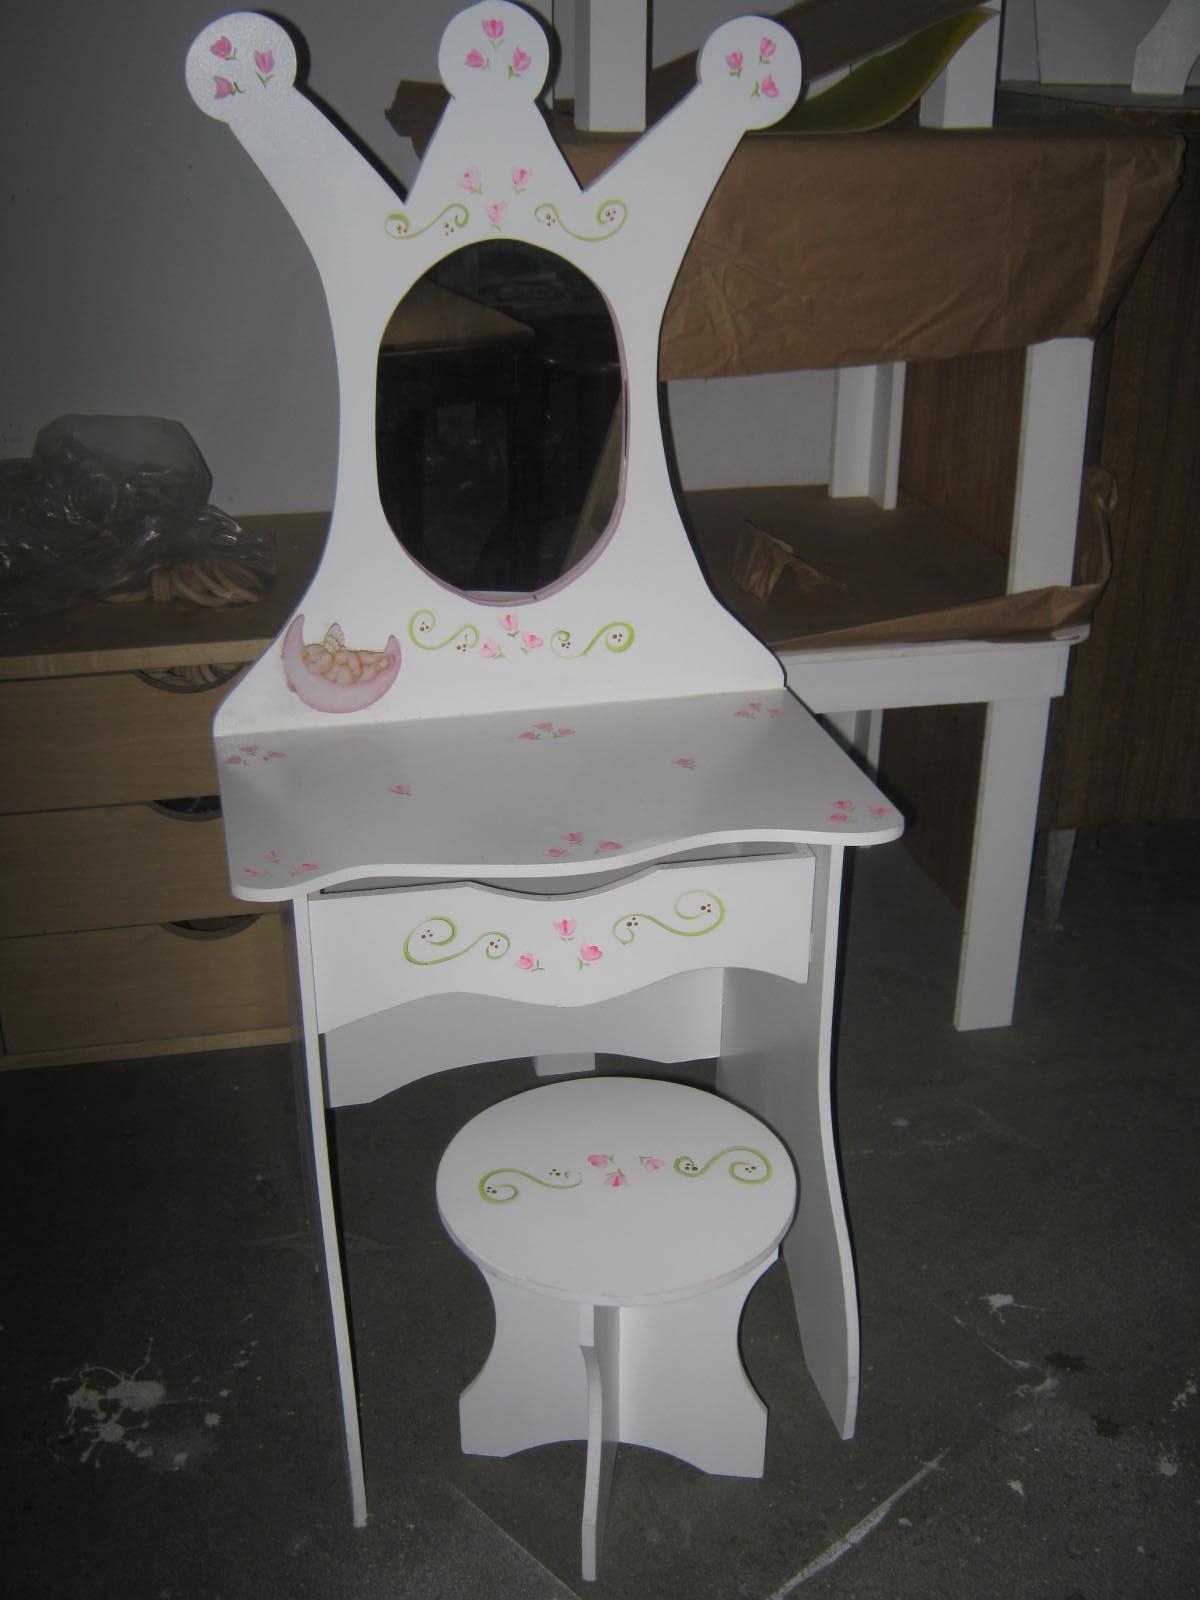 Luisi decoraciones muebles para chicos - Muebles para chicos ...